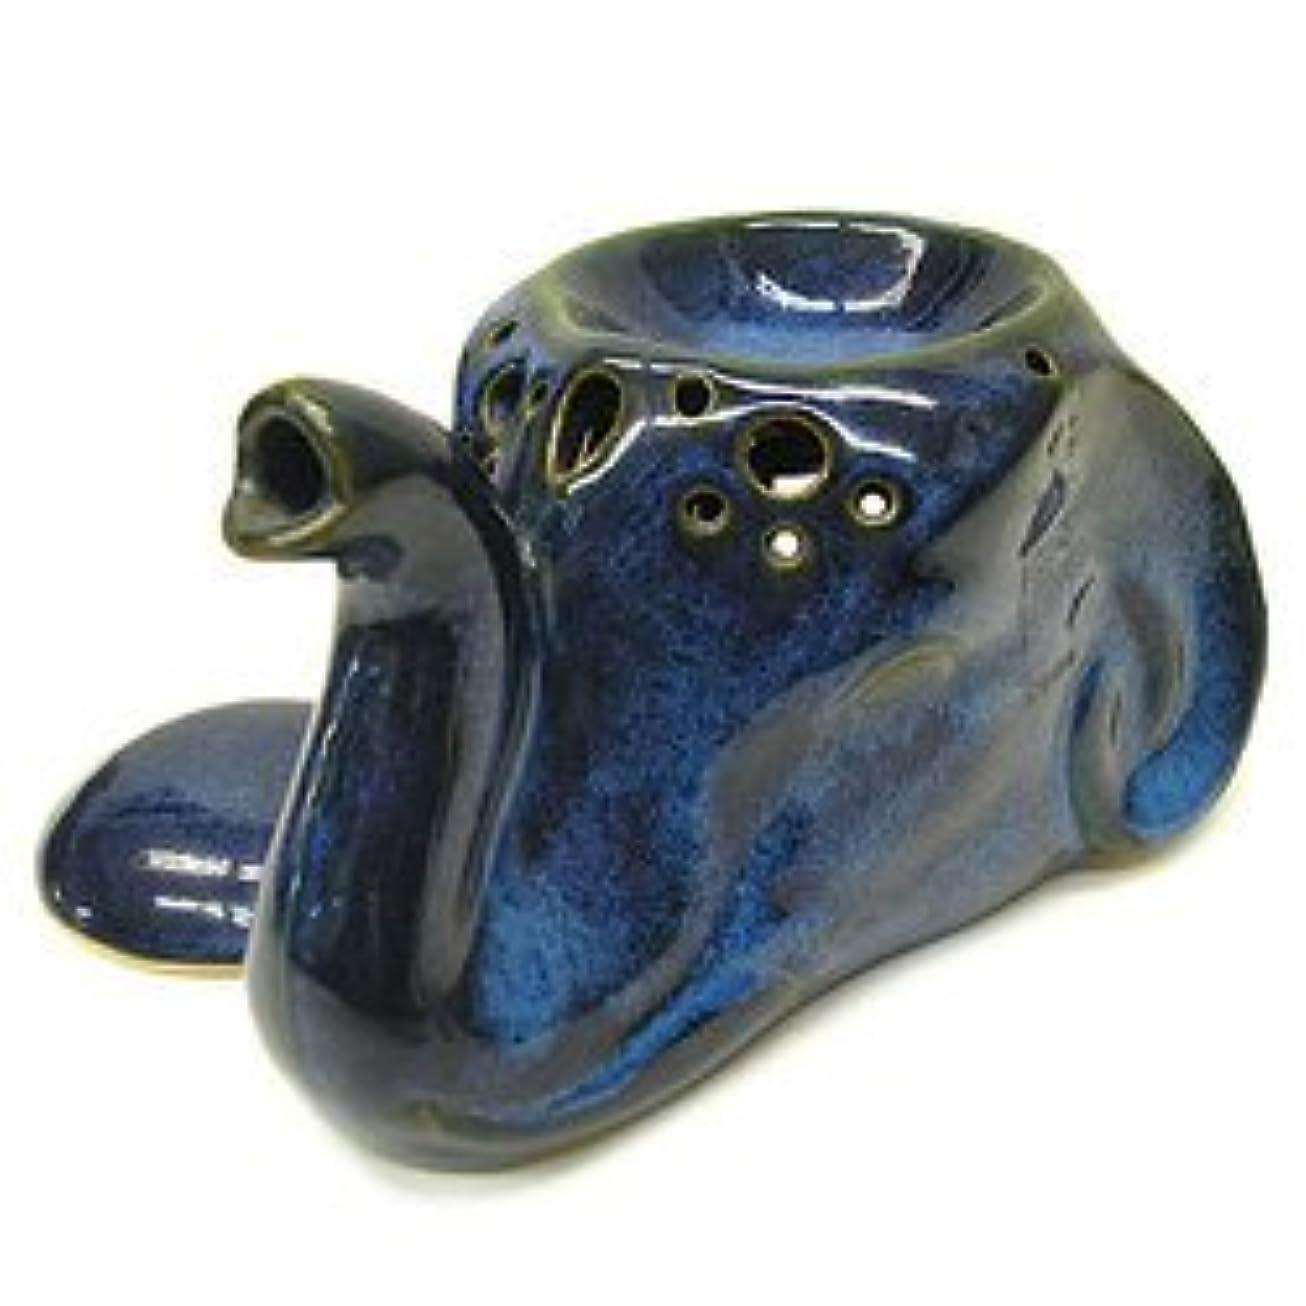 ヒューマニスティック硬化するランドリータバナン 象のアロマオイルバーナーセット 青 アジアン雑貨